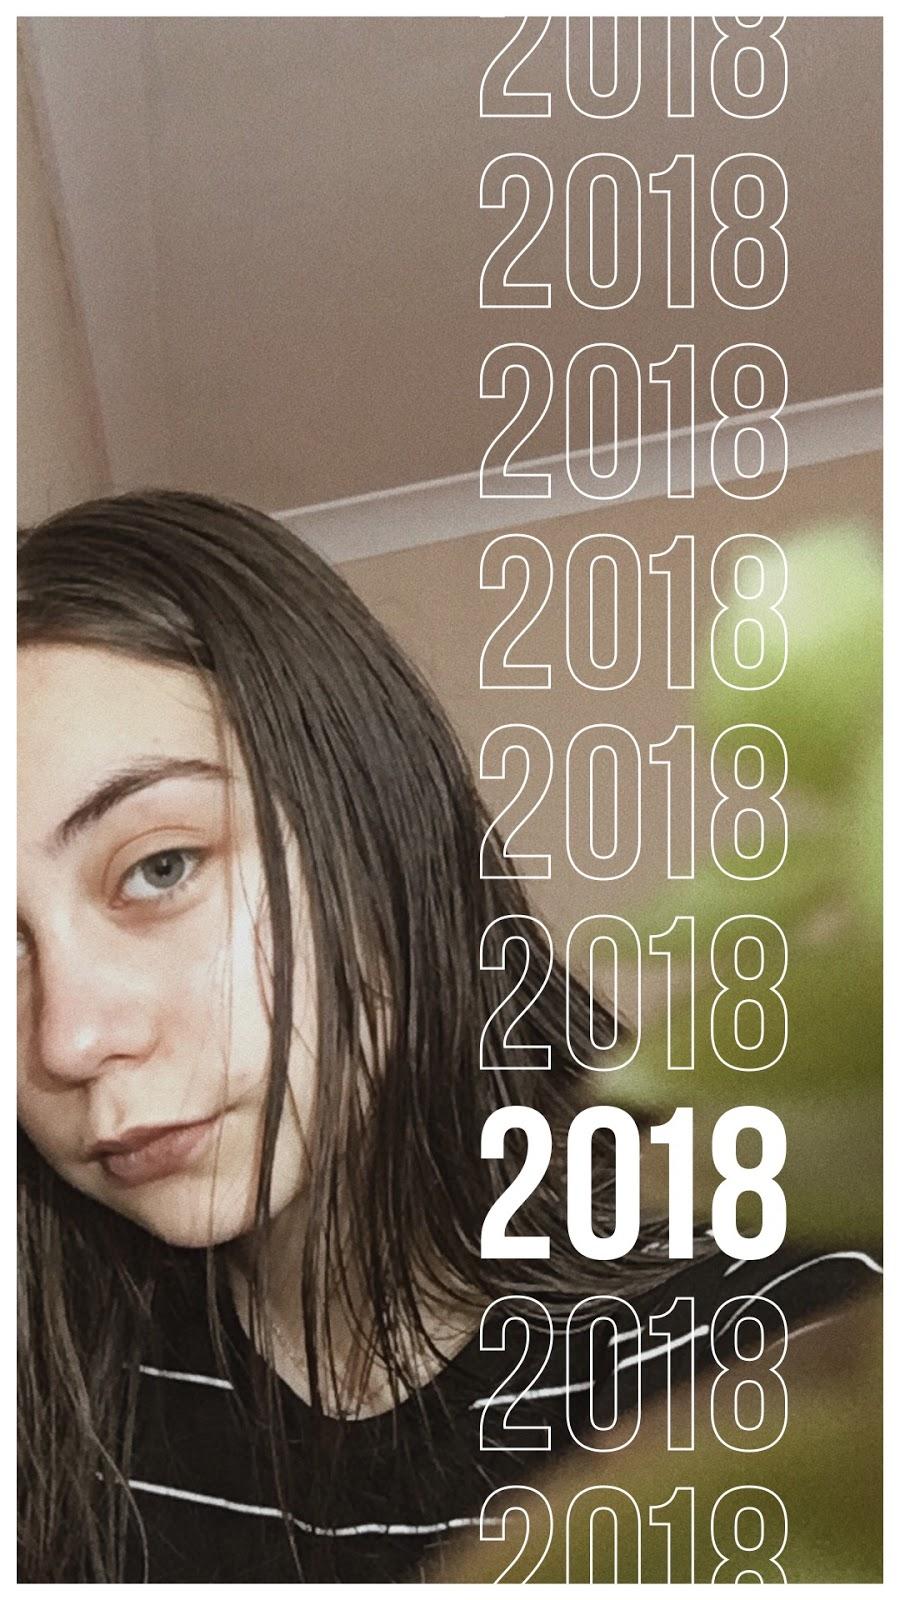 adeus 2018, bem-vindo 2019